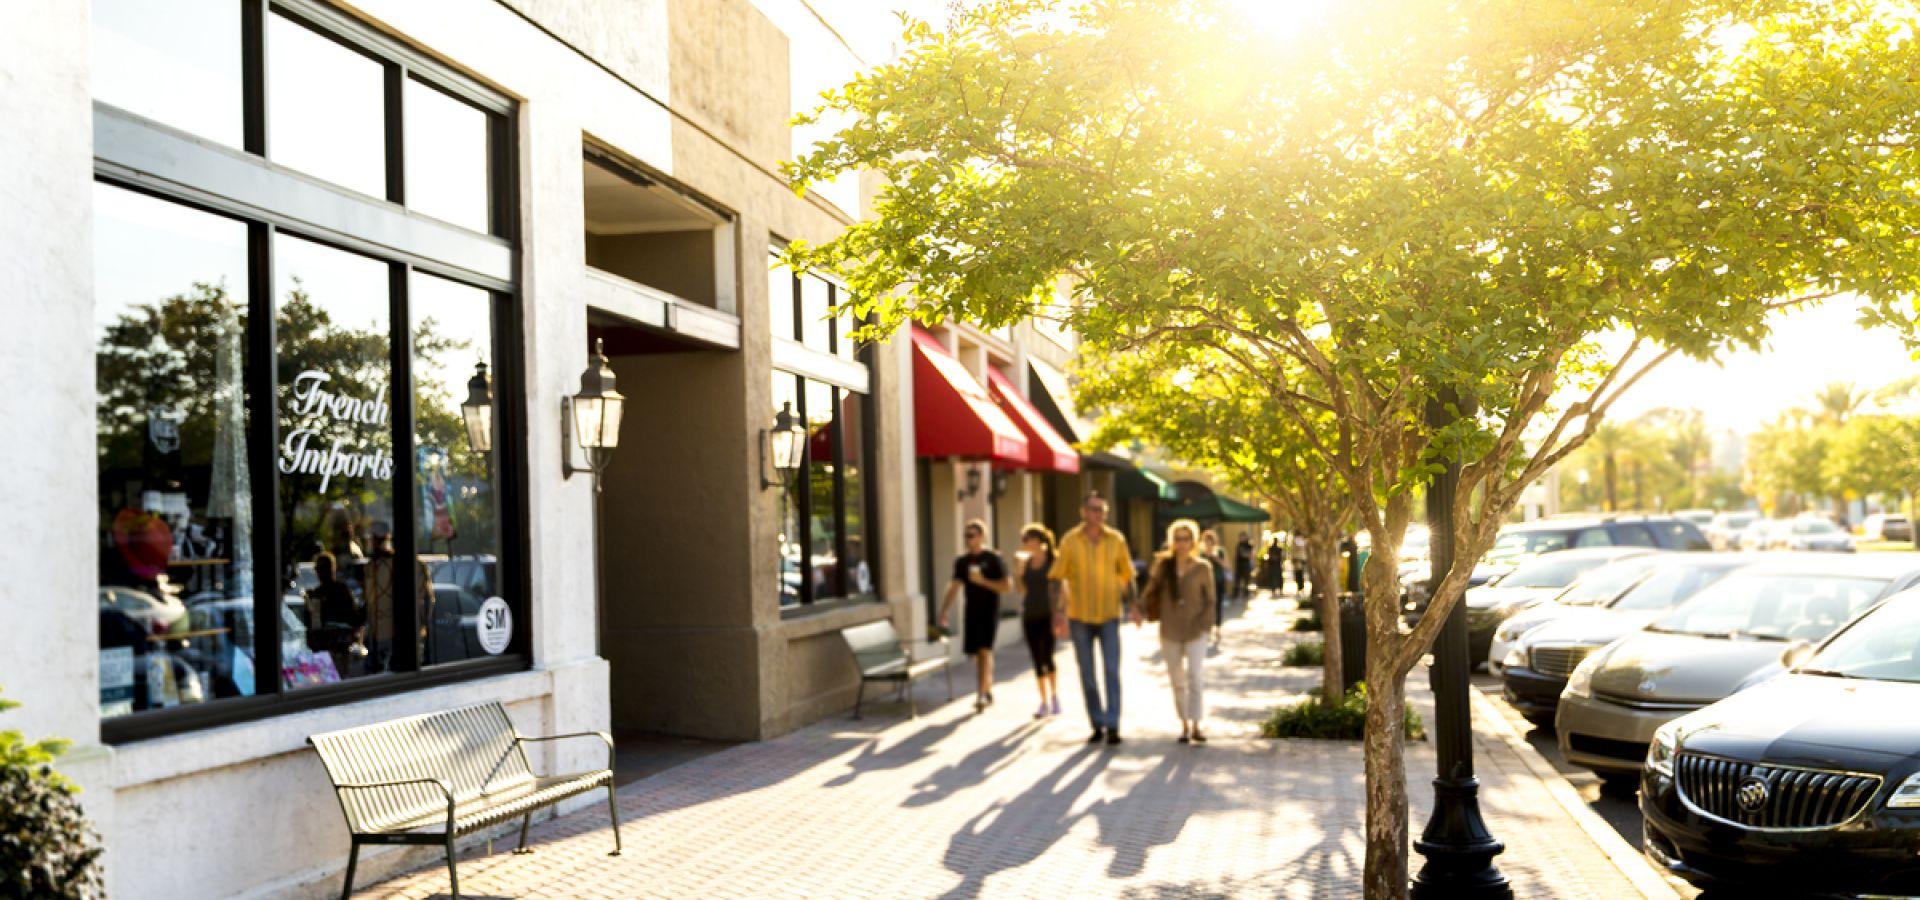 Avondale Real Estate: Jacksonville Neighborhood Guide